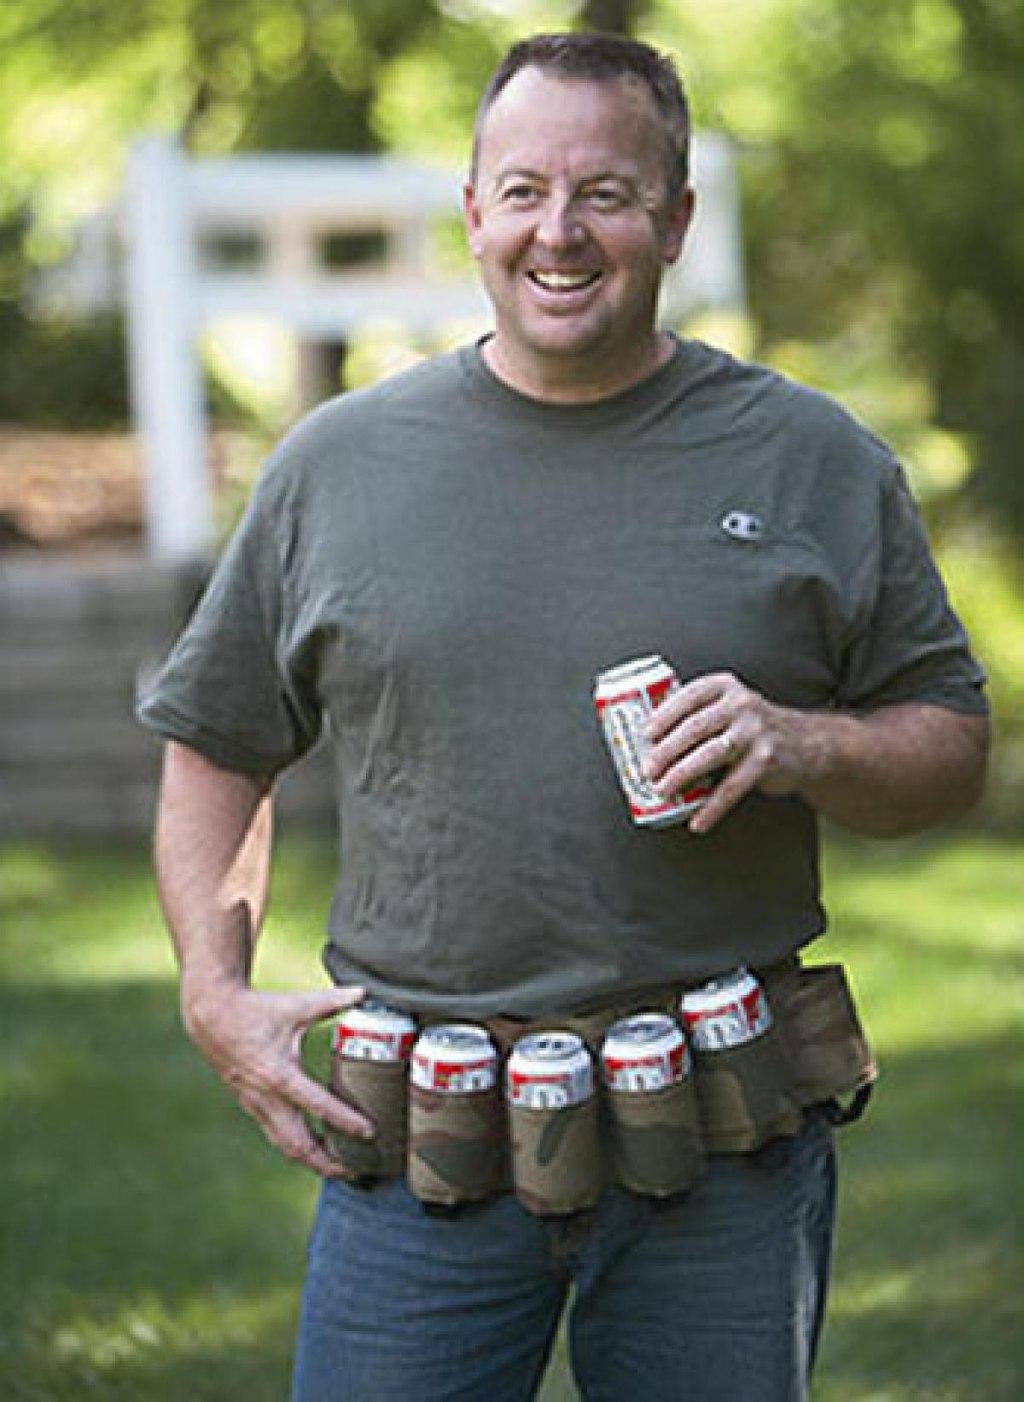 """Thắt lưng tiện lợi vừa đi bộ vừa uống bia thích hợp cho những """"sâu bia rượu""""."""